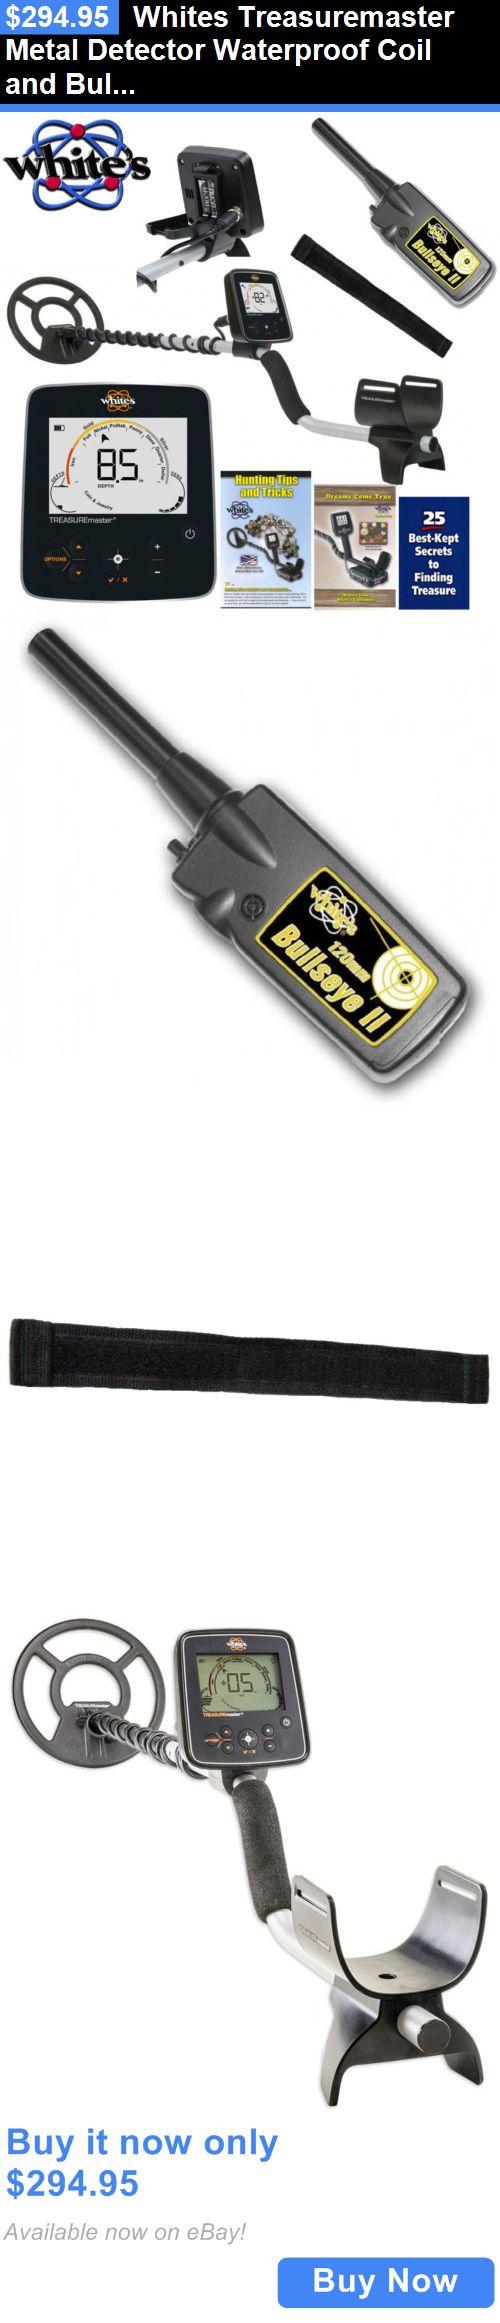 Metal Detectors: Whites Treasuremaster Metal Detector Waterproof Coil And Bullseye Ii Pinpointer BUY IT NOW ONLY: $294.95